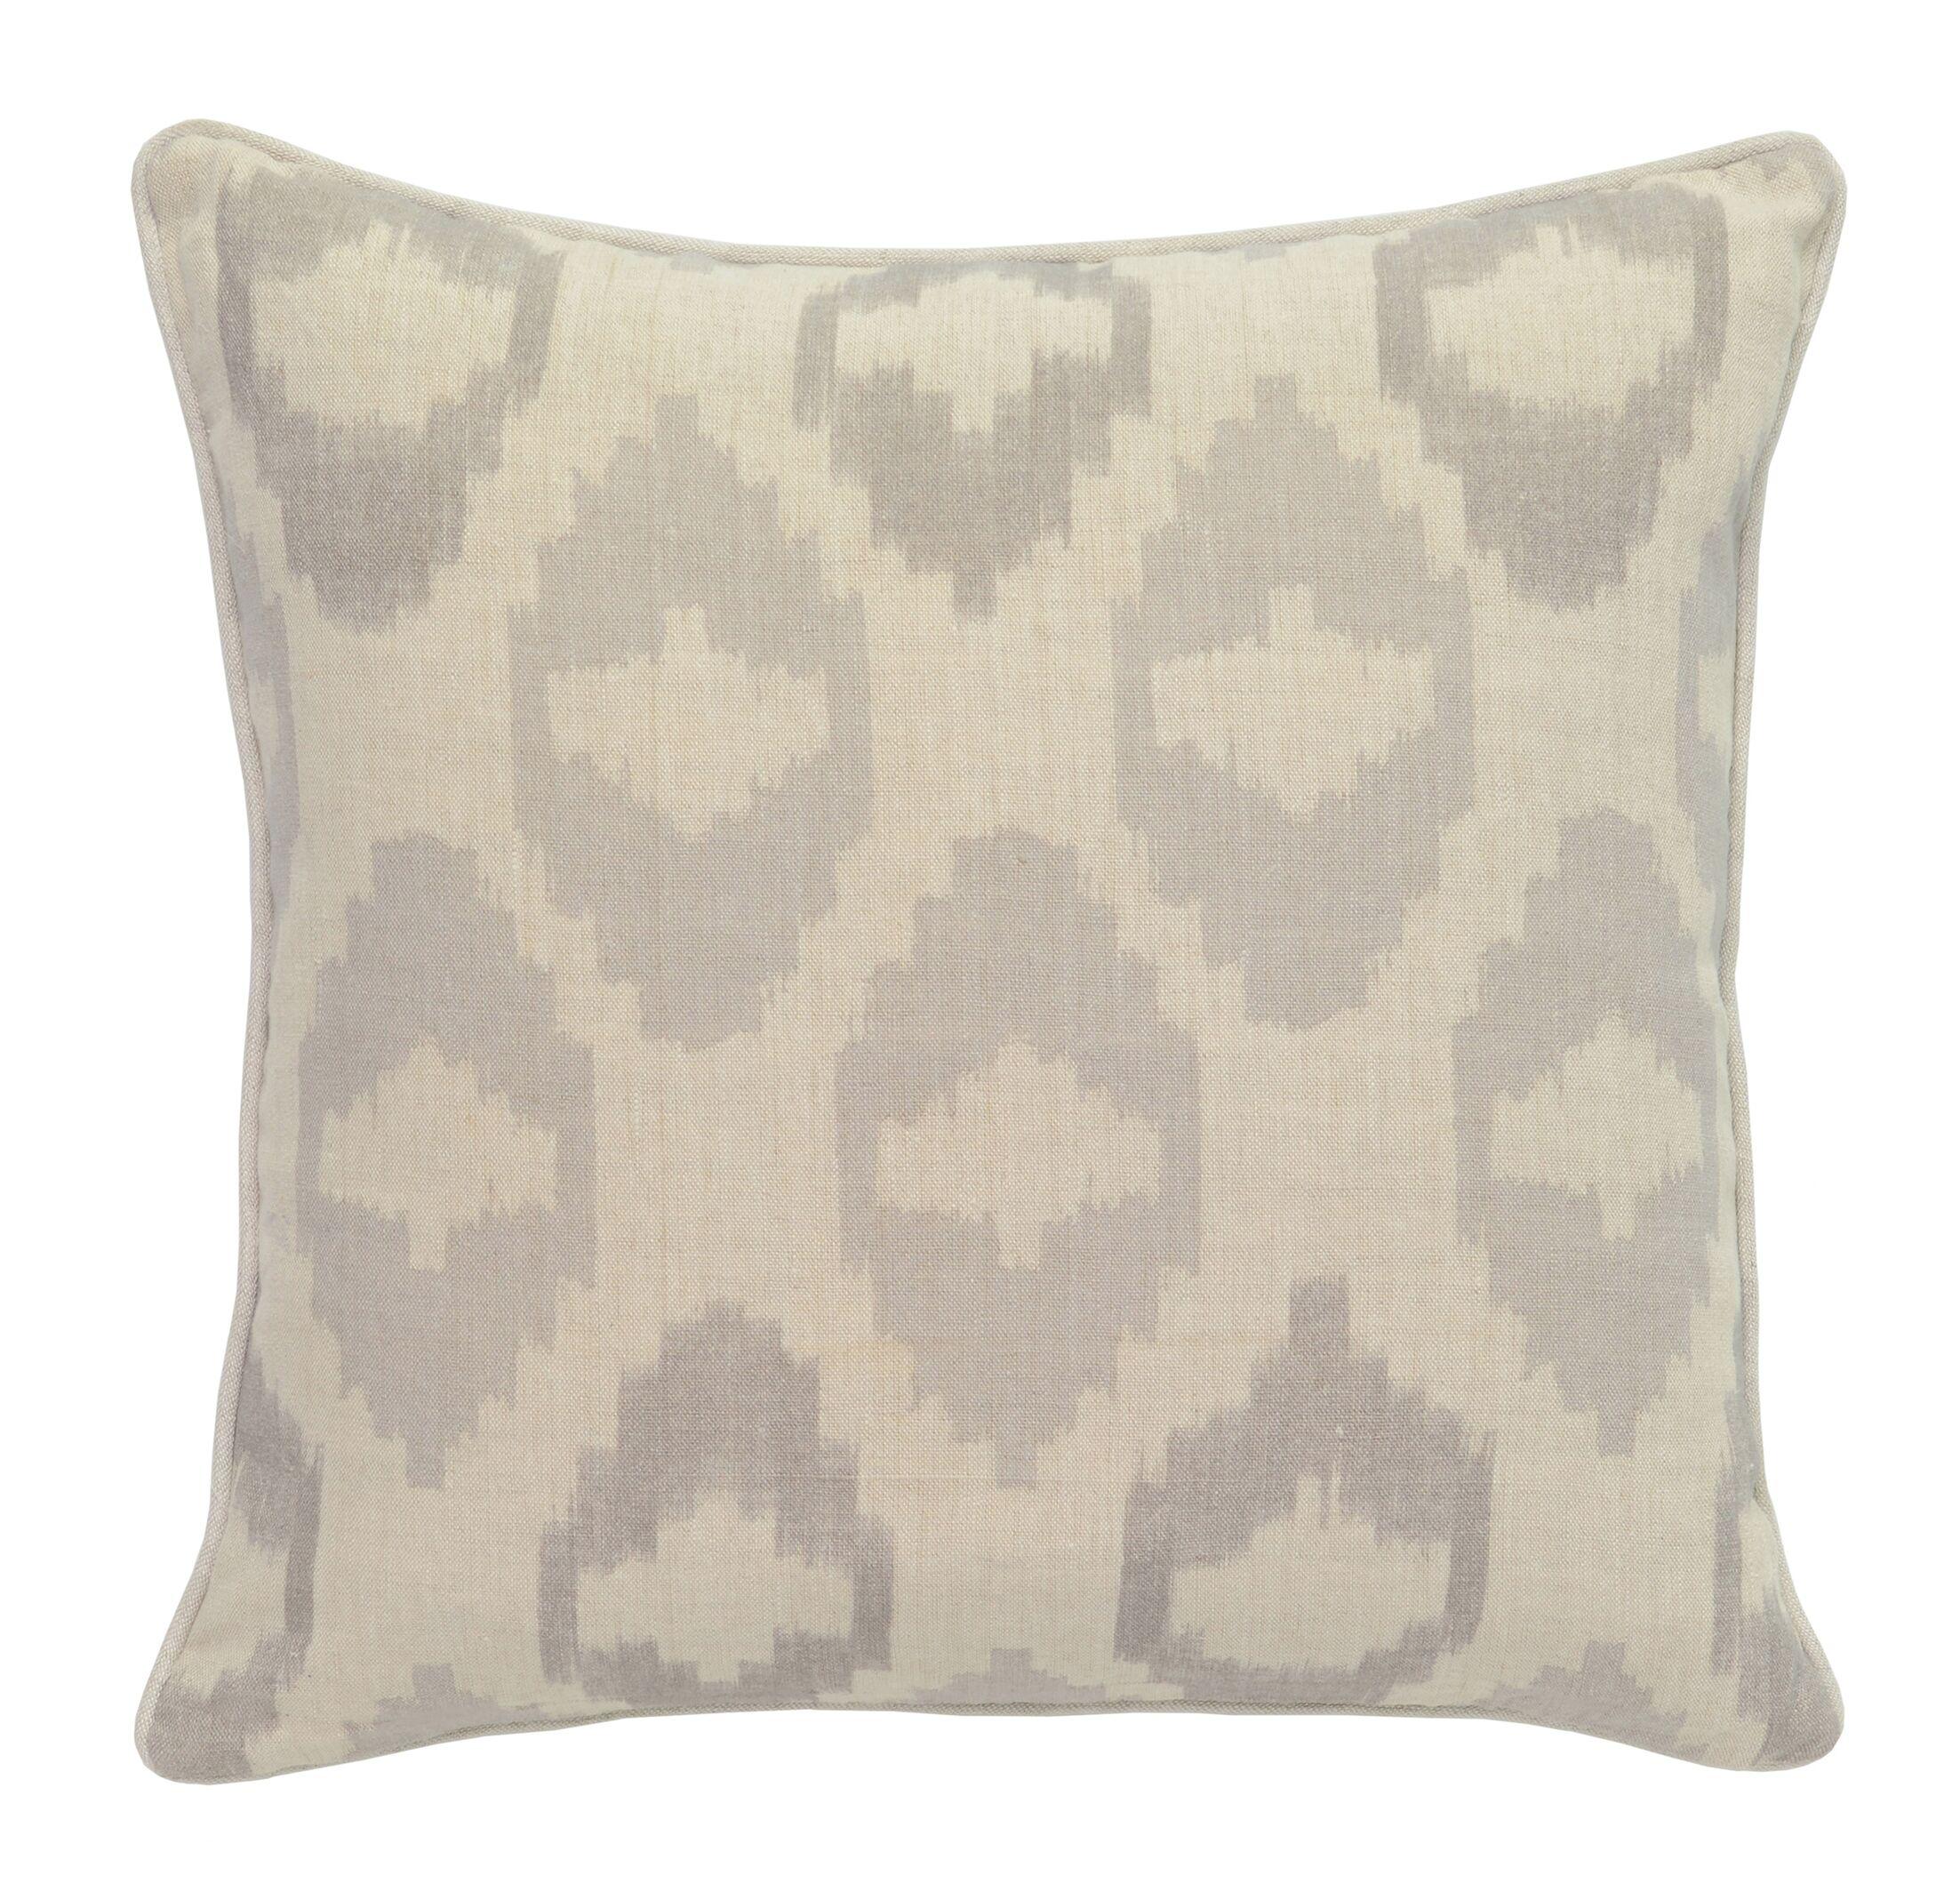 Goldberg 100% Linen Throw Pillow Color: Gray